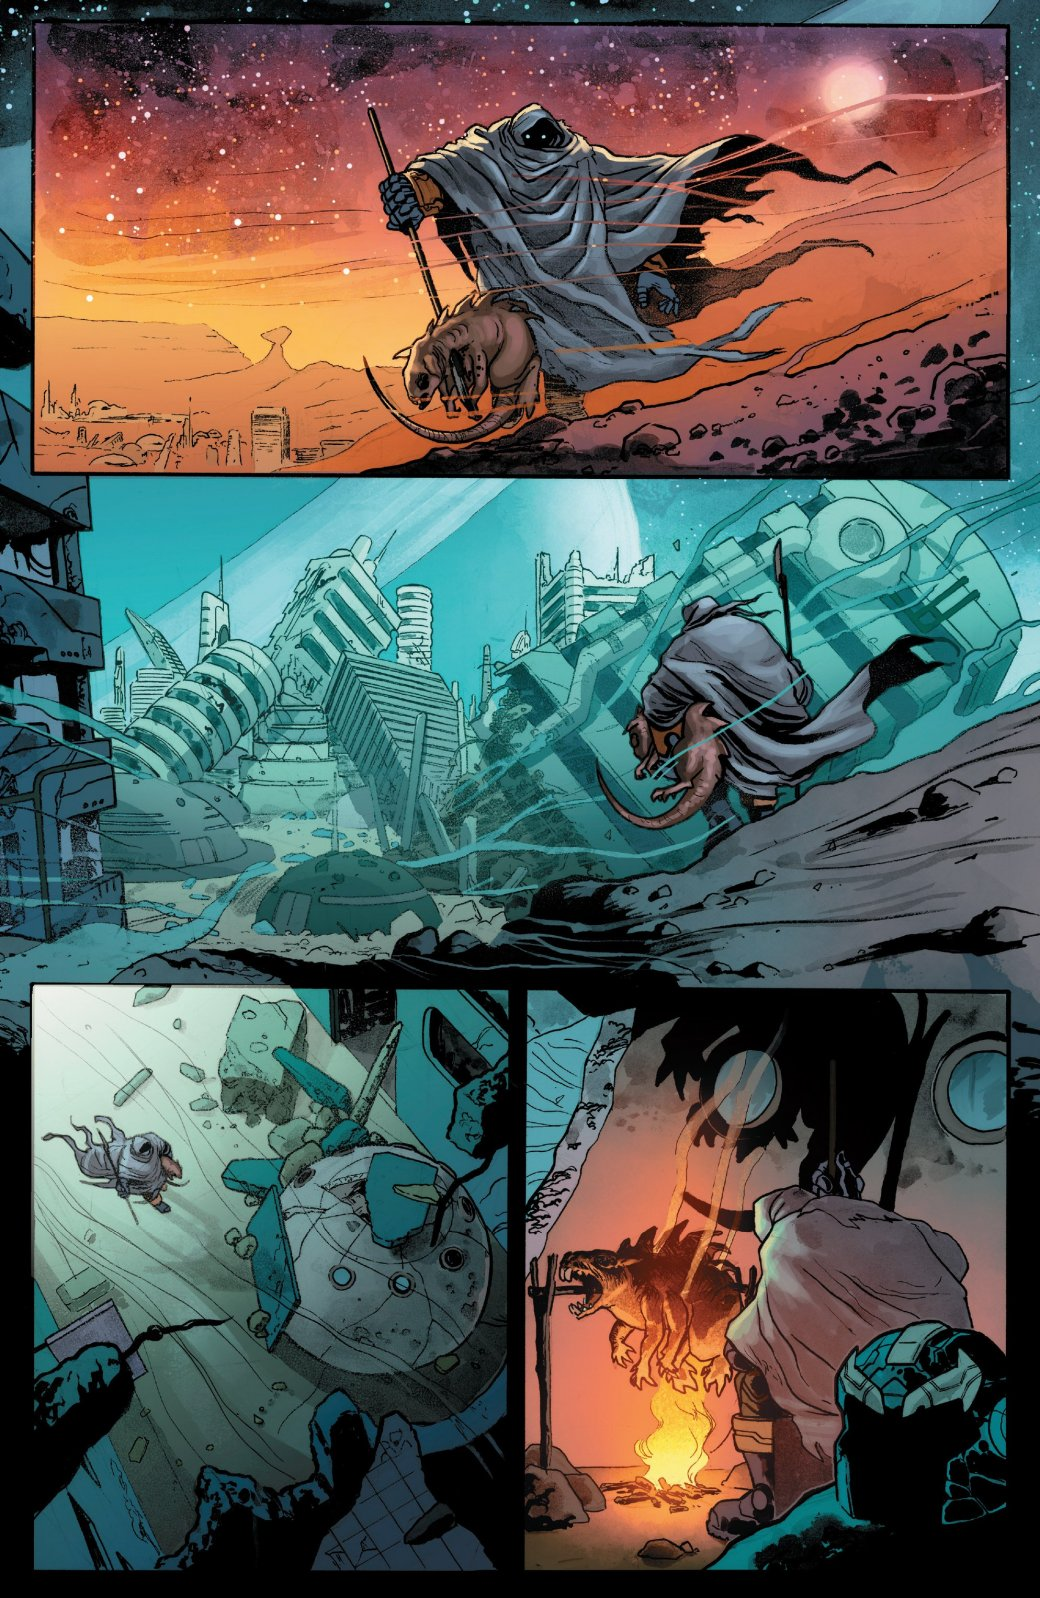 Танос лишился всех своихсил. Каково ему быть простым смертным?